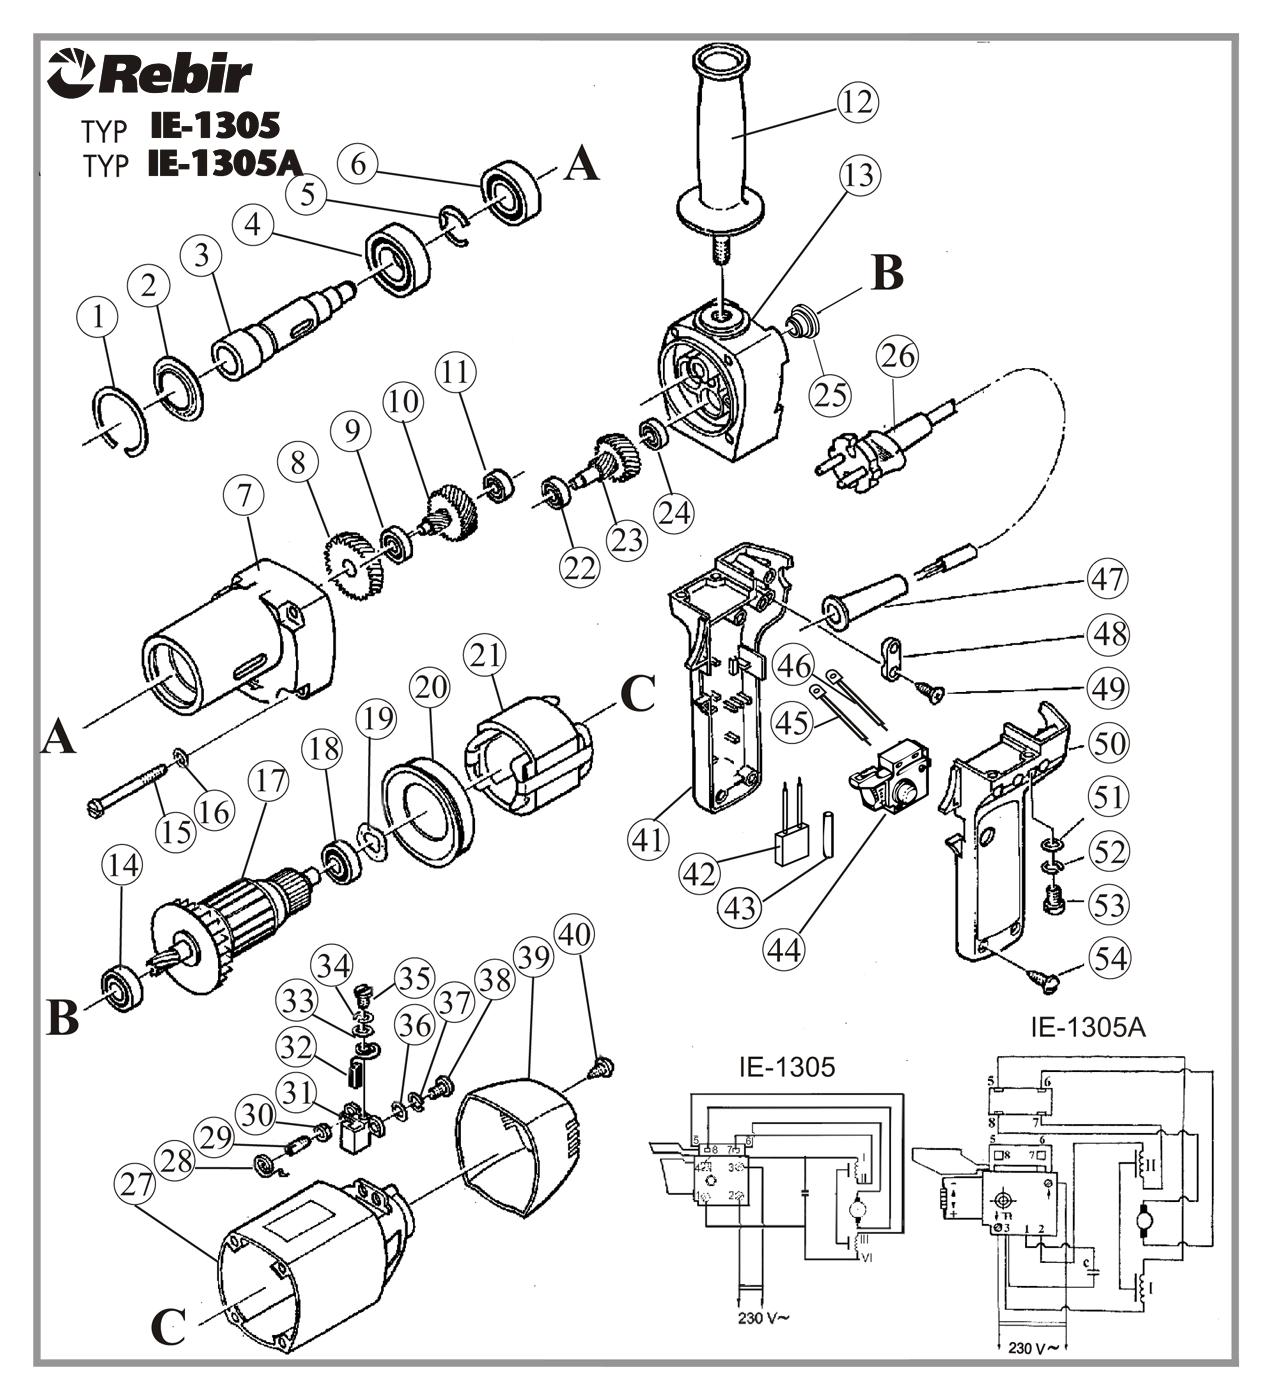 Rysunek techniczny wiertarki IE-1305